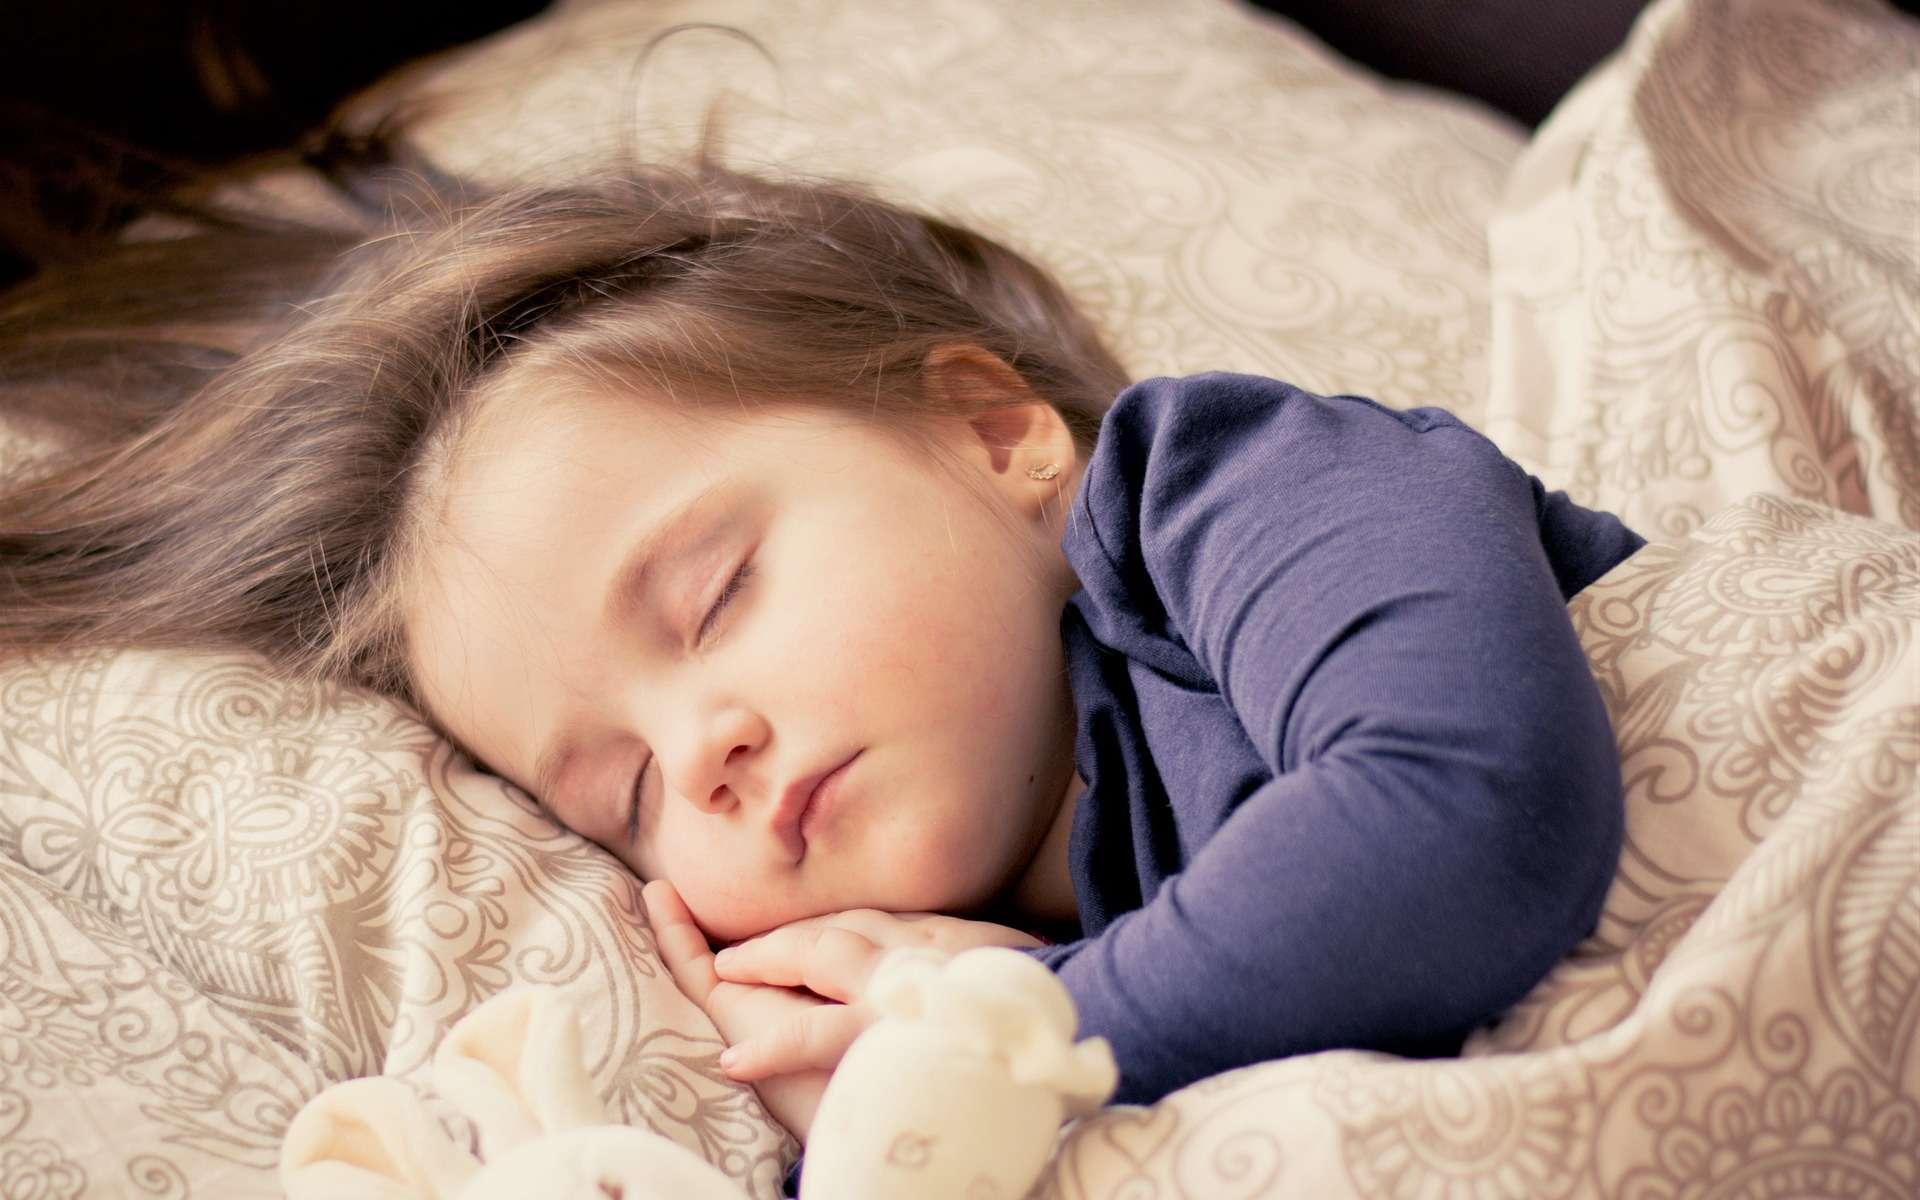 Des centaines de mini-éveils sont provoqués chaque nuit par la surexcitation de certains neurones. © dagon, Pixabay